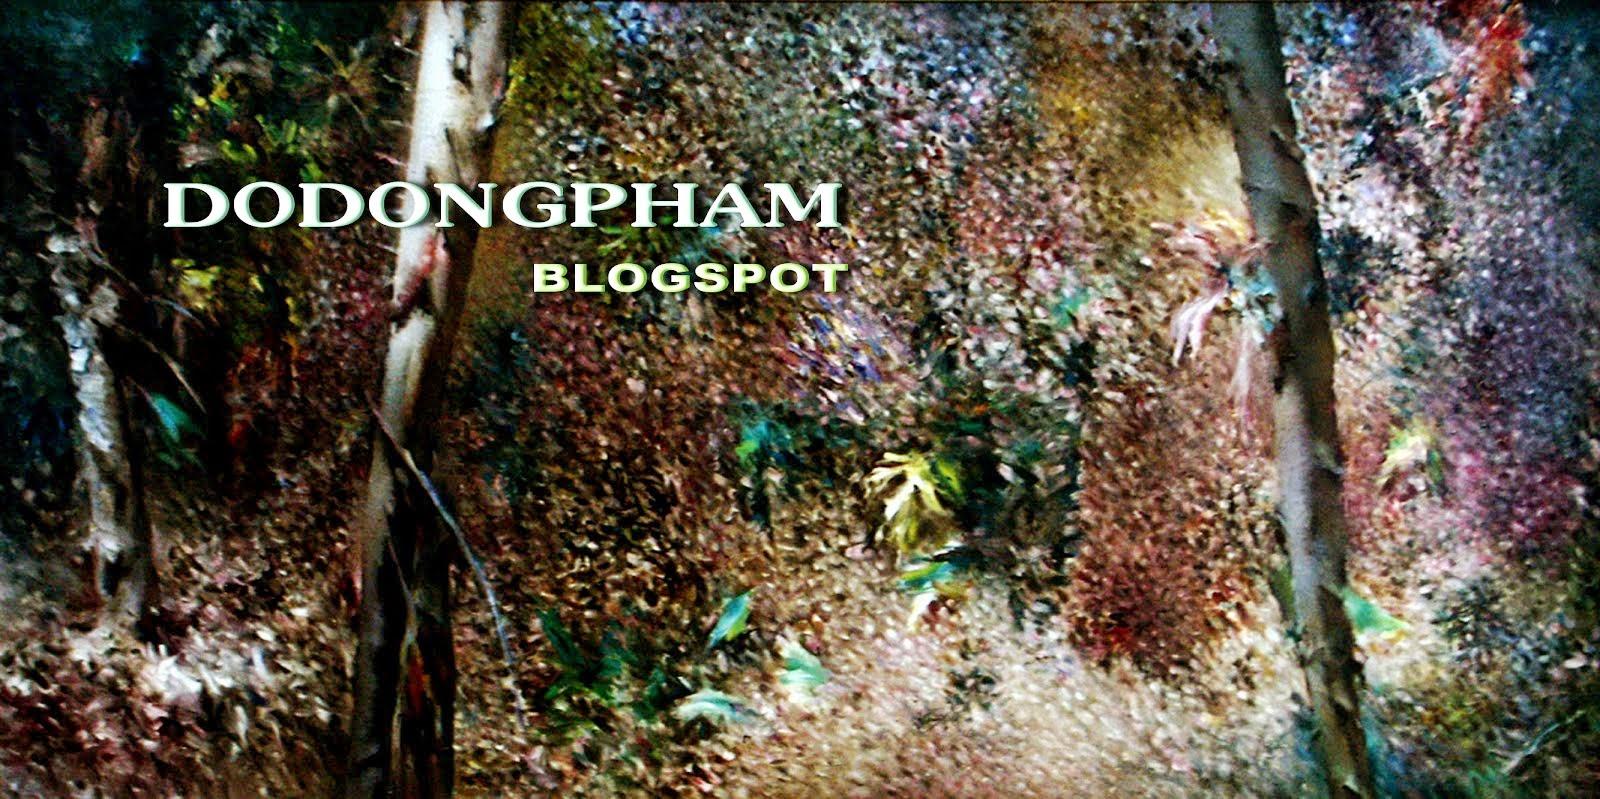 DODONGPHAM